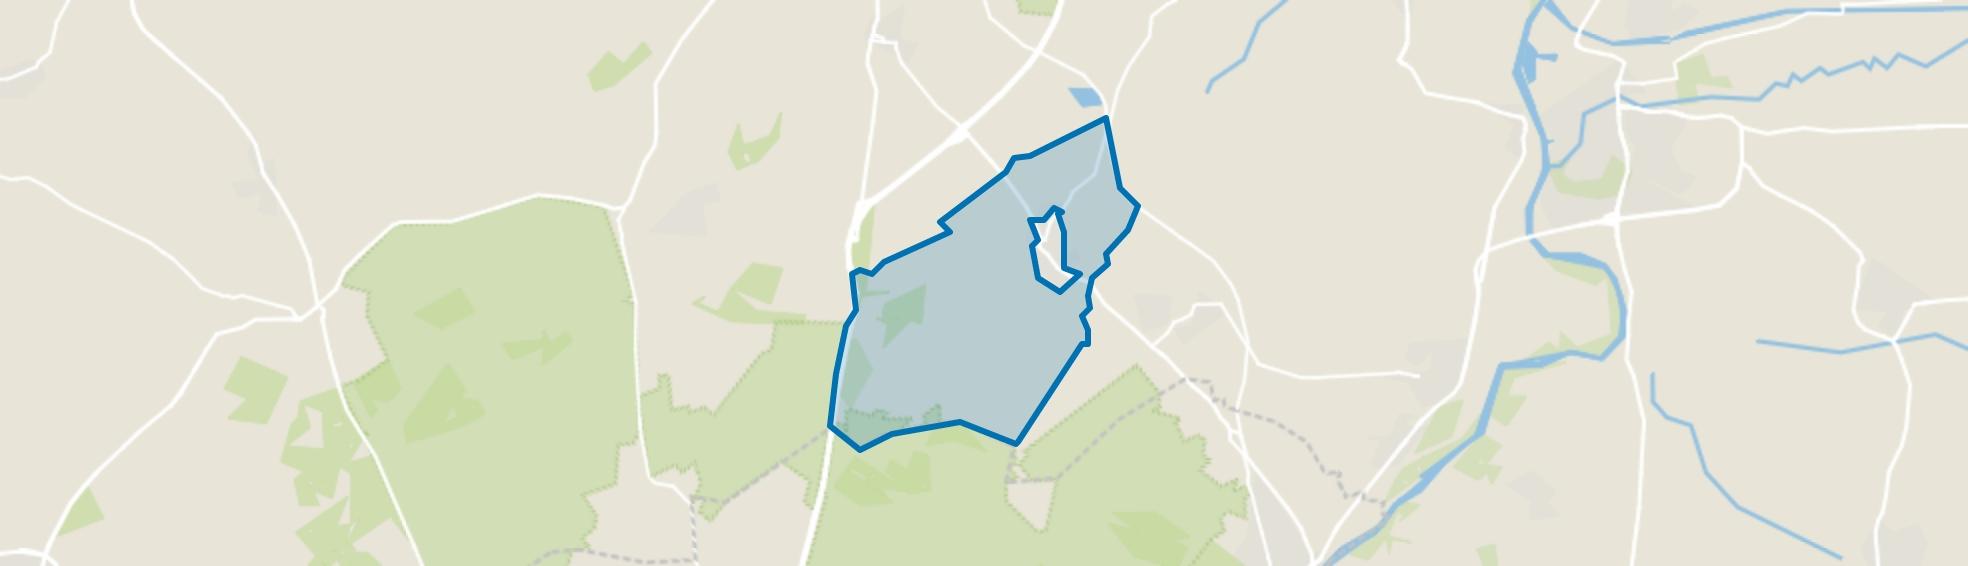 Bosgebied Loenen, Loenen map